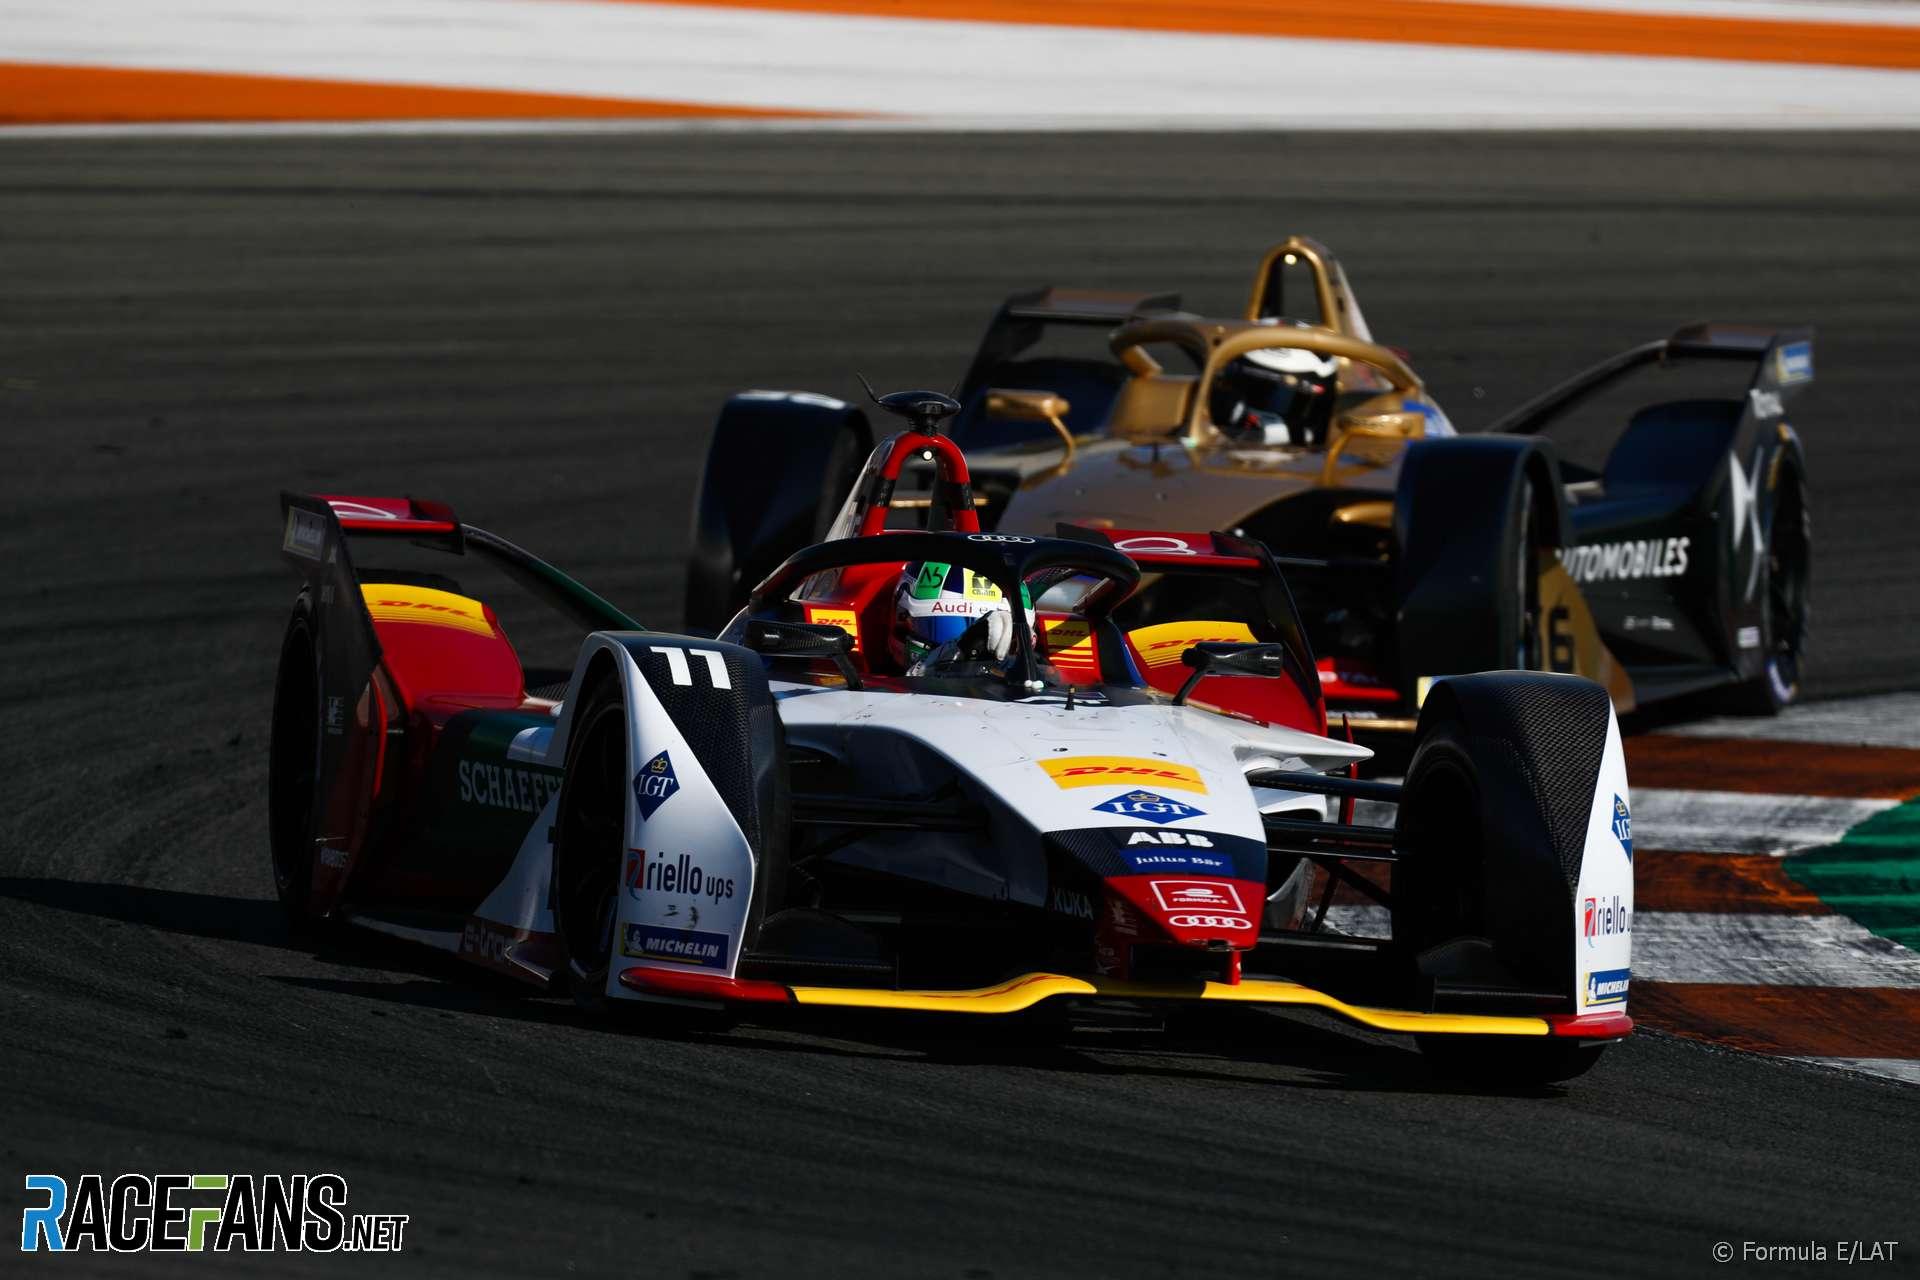 Lucas di Grassi, Audi, Formula E, Valencia pre-season testing, 2018